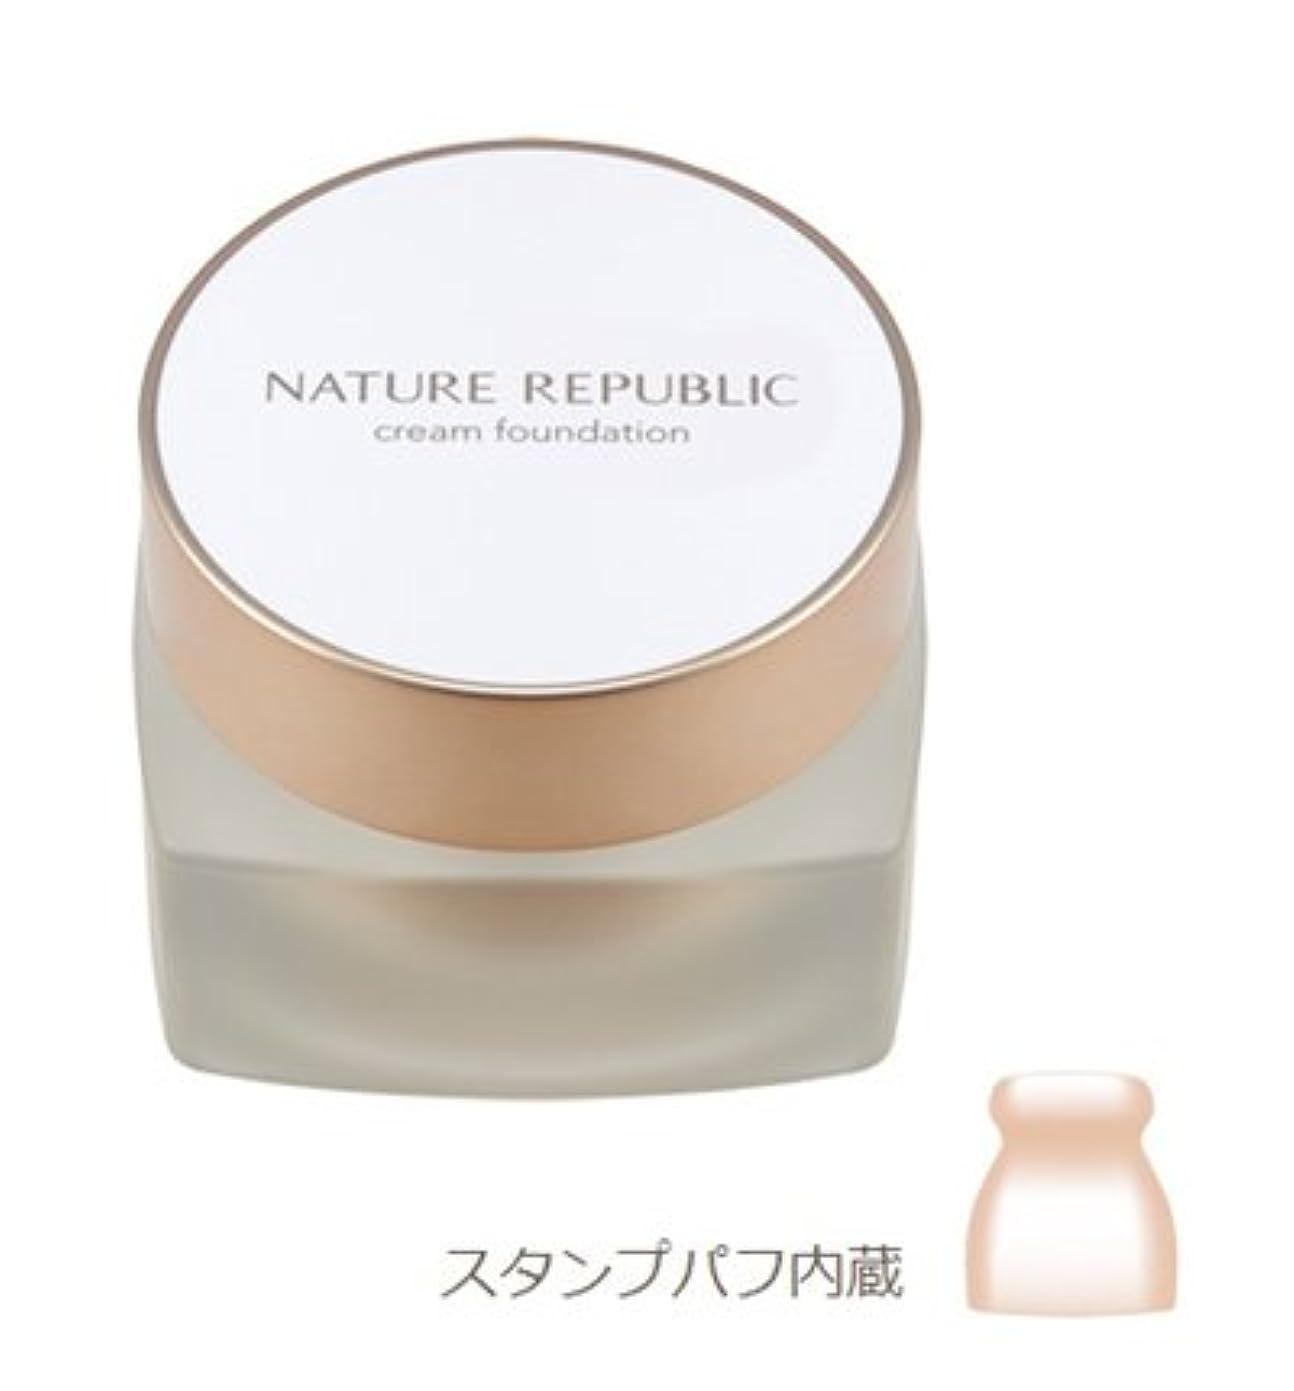 テセウス手術ハウジングNATURE REPUBLIC Ginseng Royal Silk Cream Foundation (#No.2 Natural Beige) ネイチャーリパブリックジンセンロイヤルシルククリームファンデーション [...